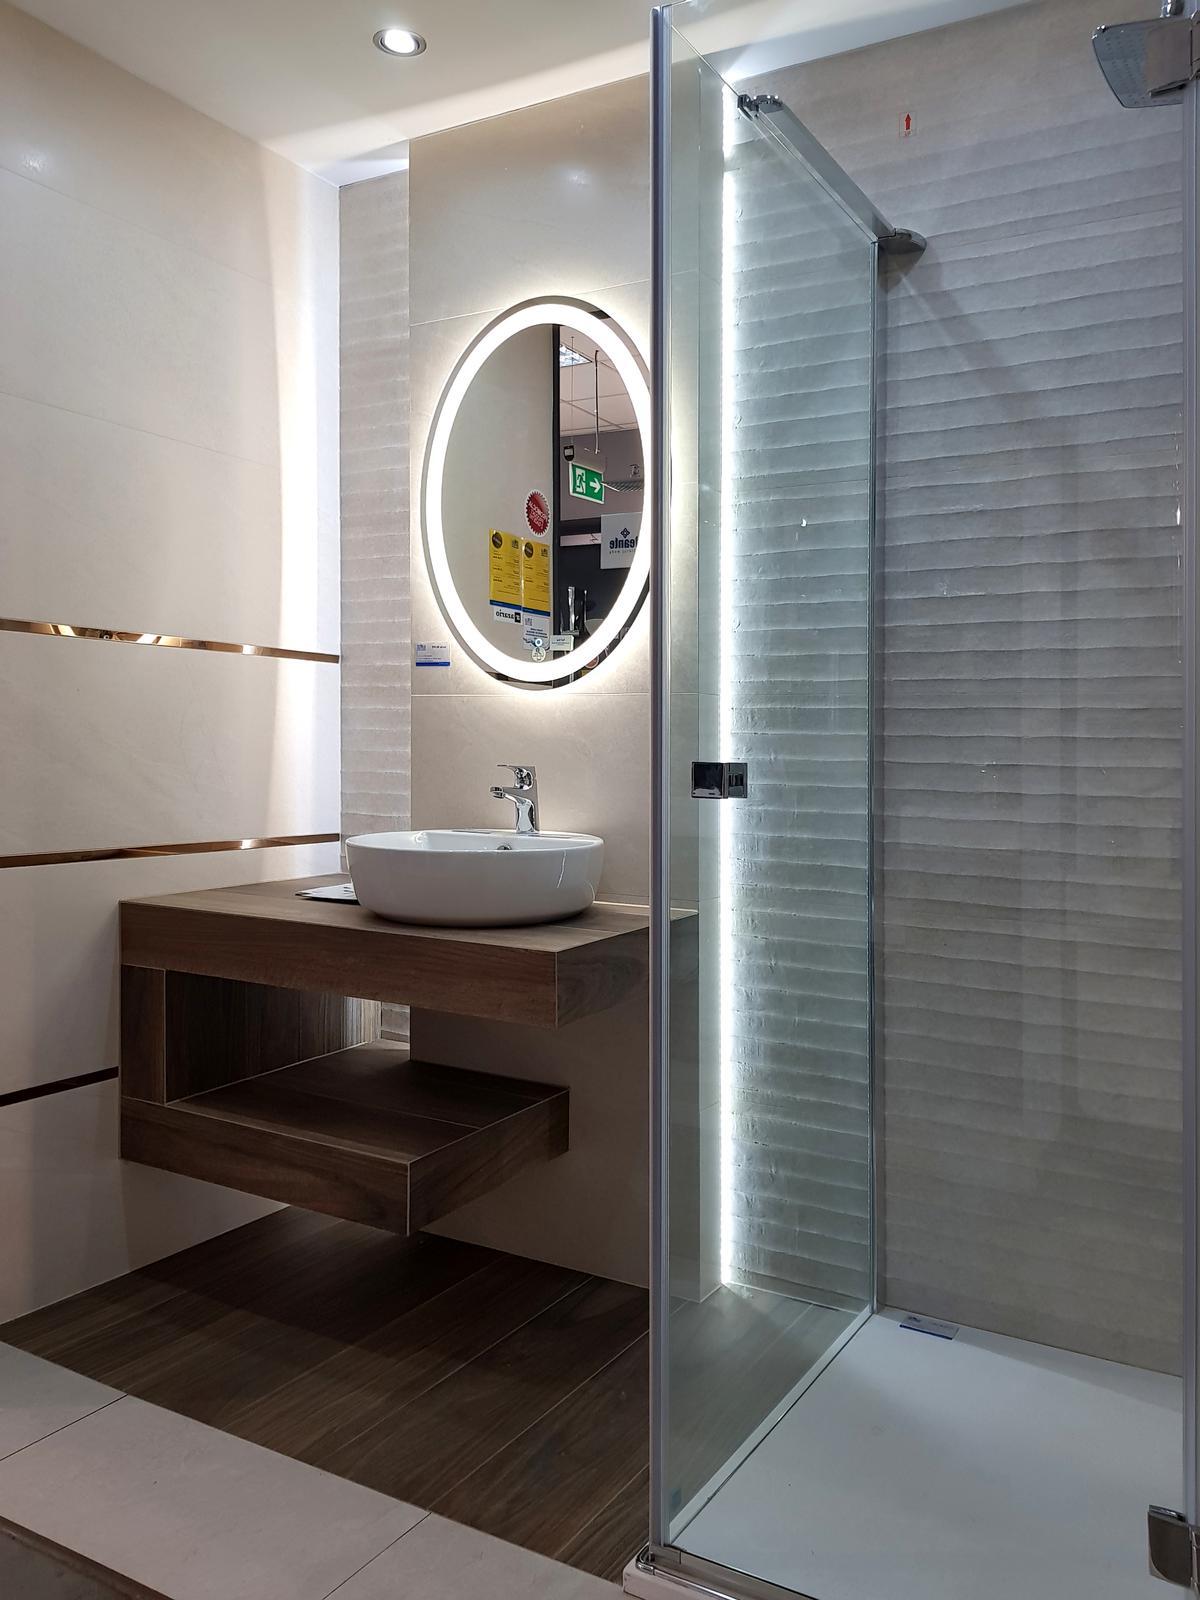 Elegancka mała łazienka - BLU salon łazienek Cieszyn - zdjęcie od BLU salon łazienek Cieszyn